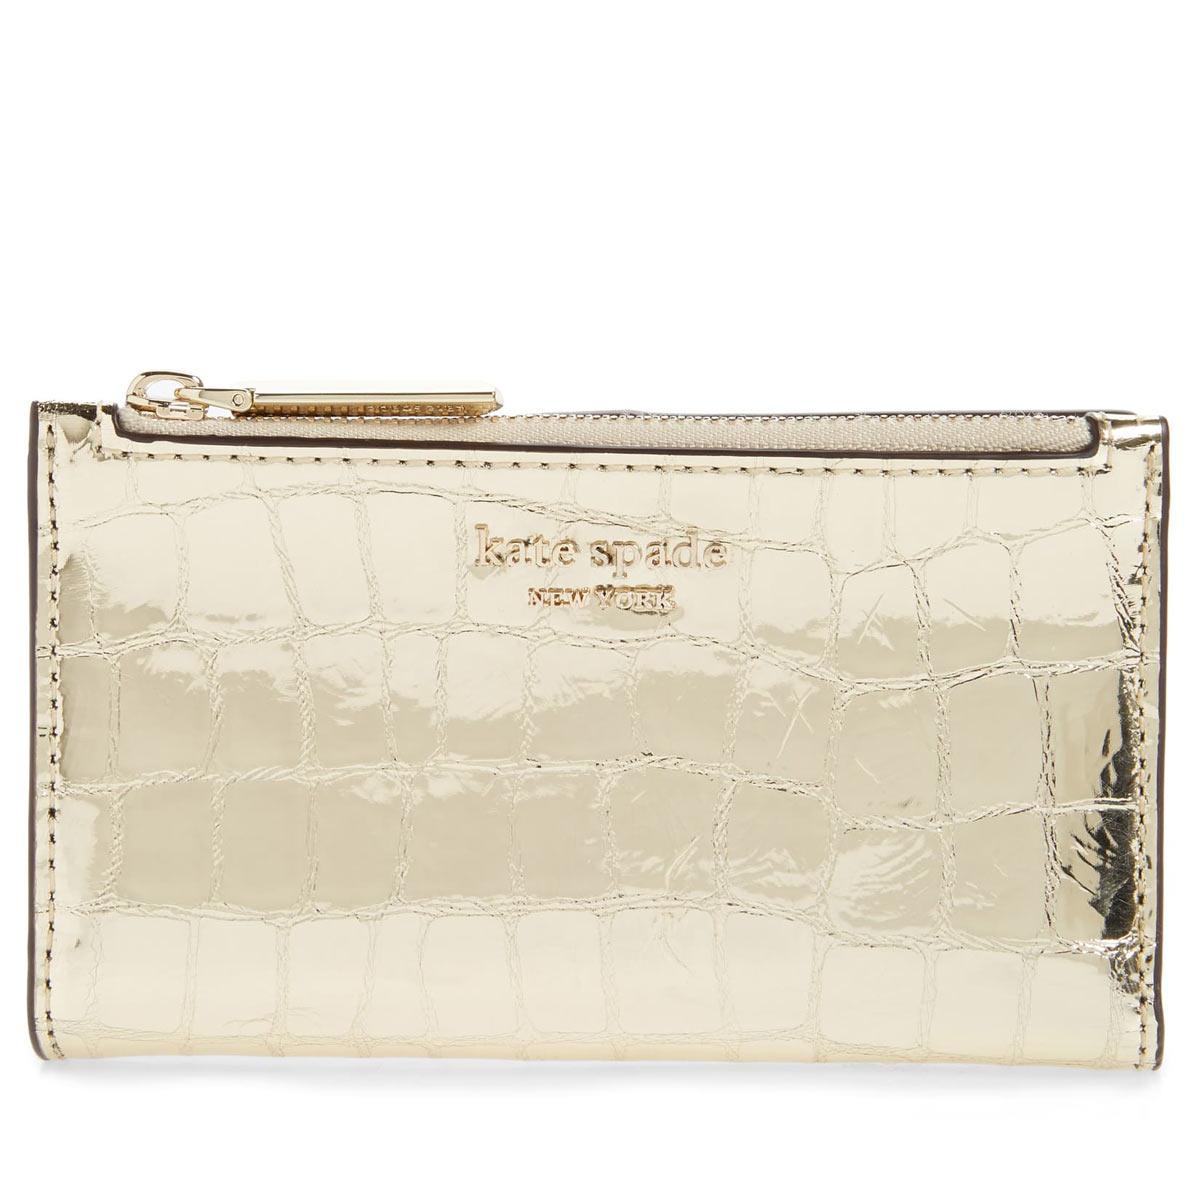 ケイトスペード 財布 二つ折り財布 ミニ財布 折財布 ゴールド レディース ブランド コンパクト KATE SPADE NEW YORK